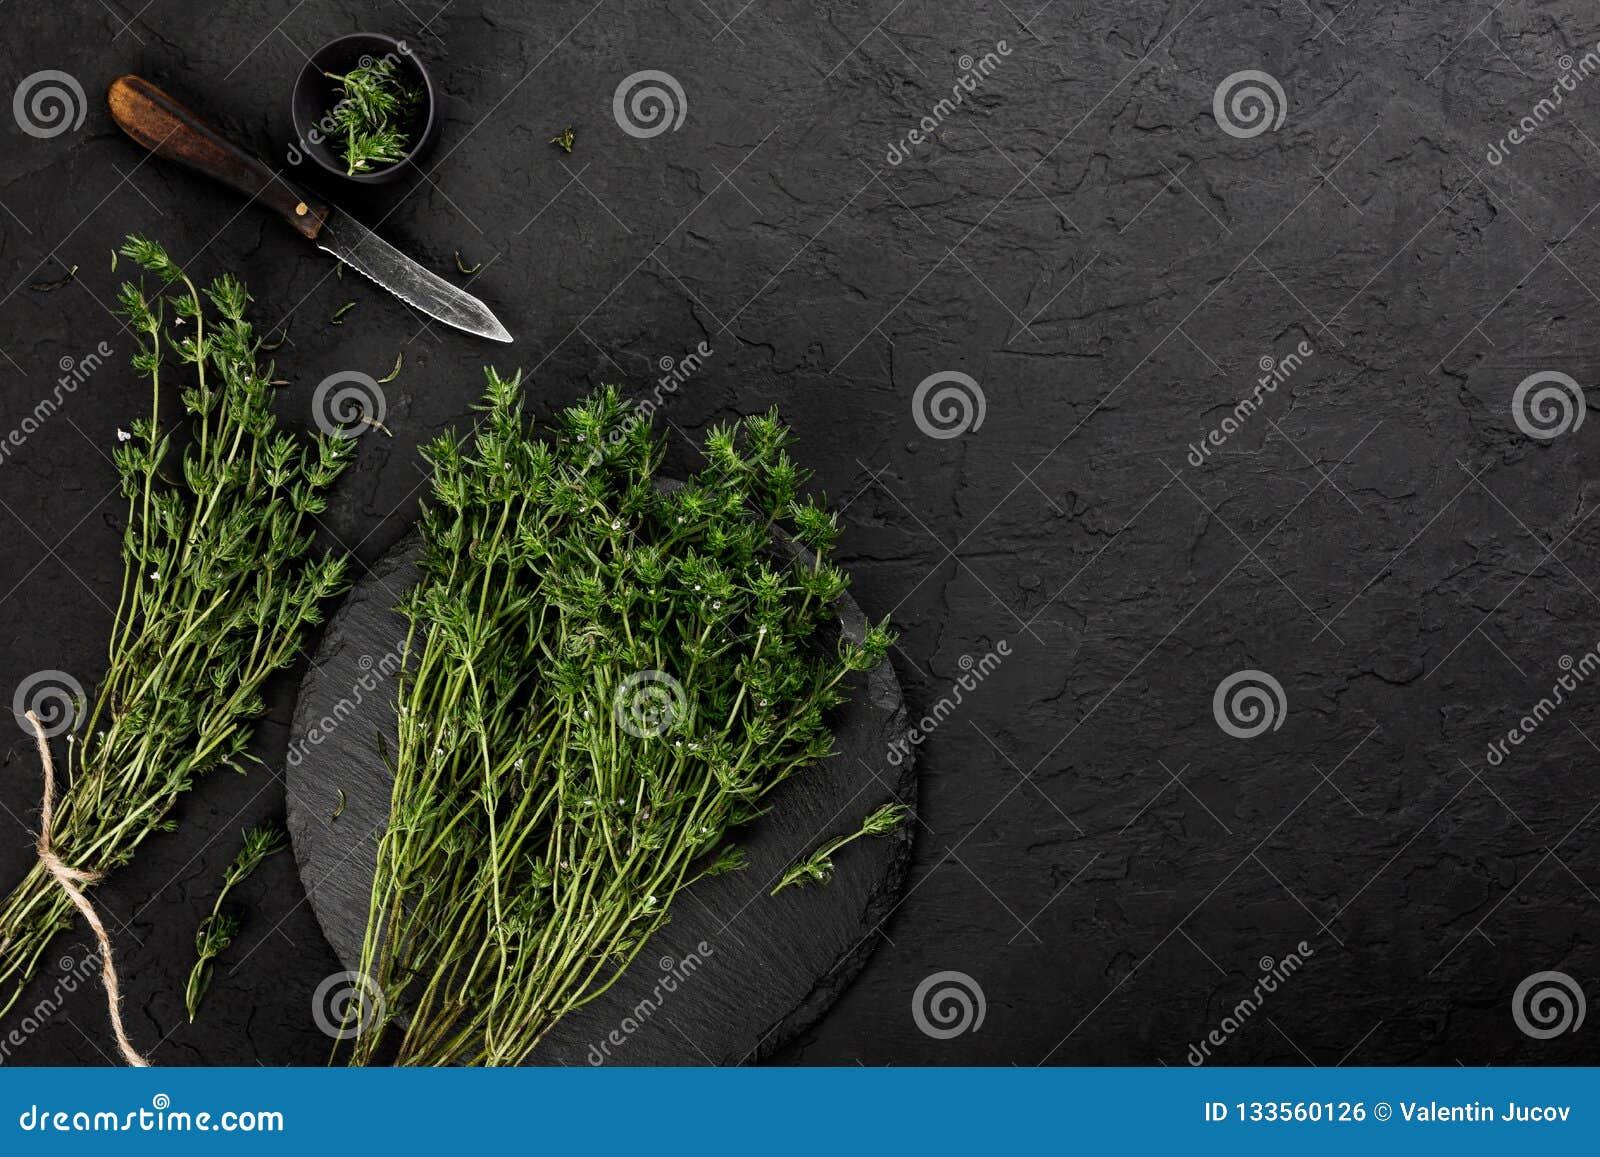 Frischer Krautthymian auf dunklem Steinhintergrund Gesunde Nahrung, kochend, sauberes Essen, Draufsicht, flache Lage, Kopienraum